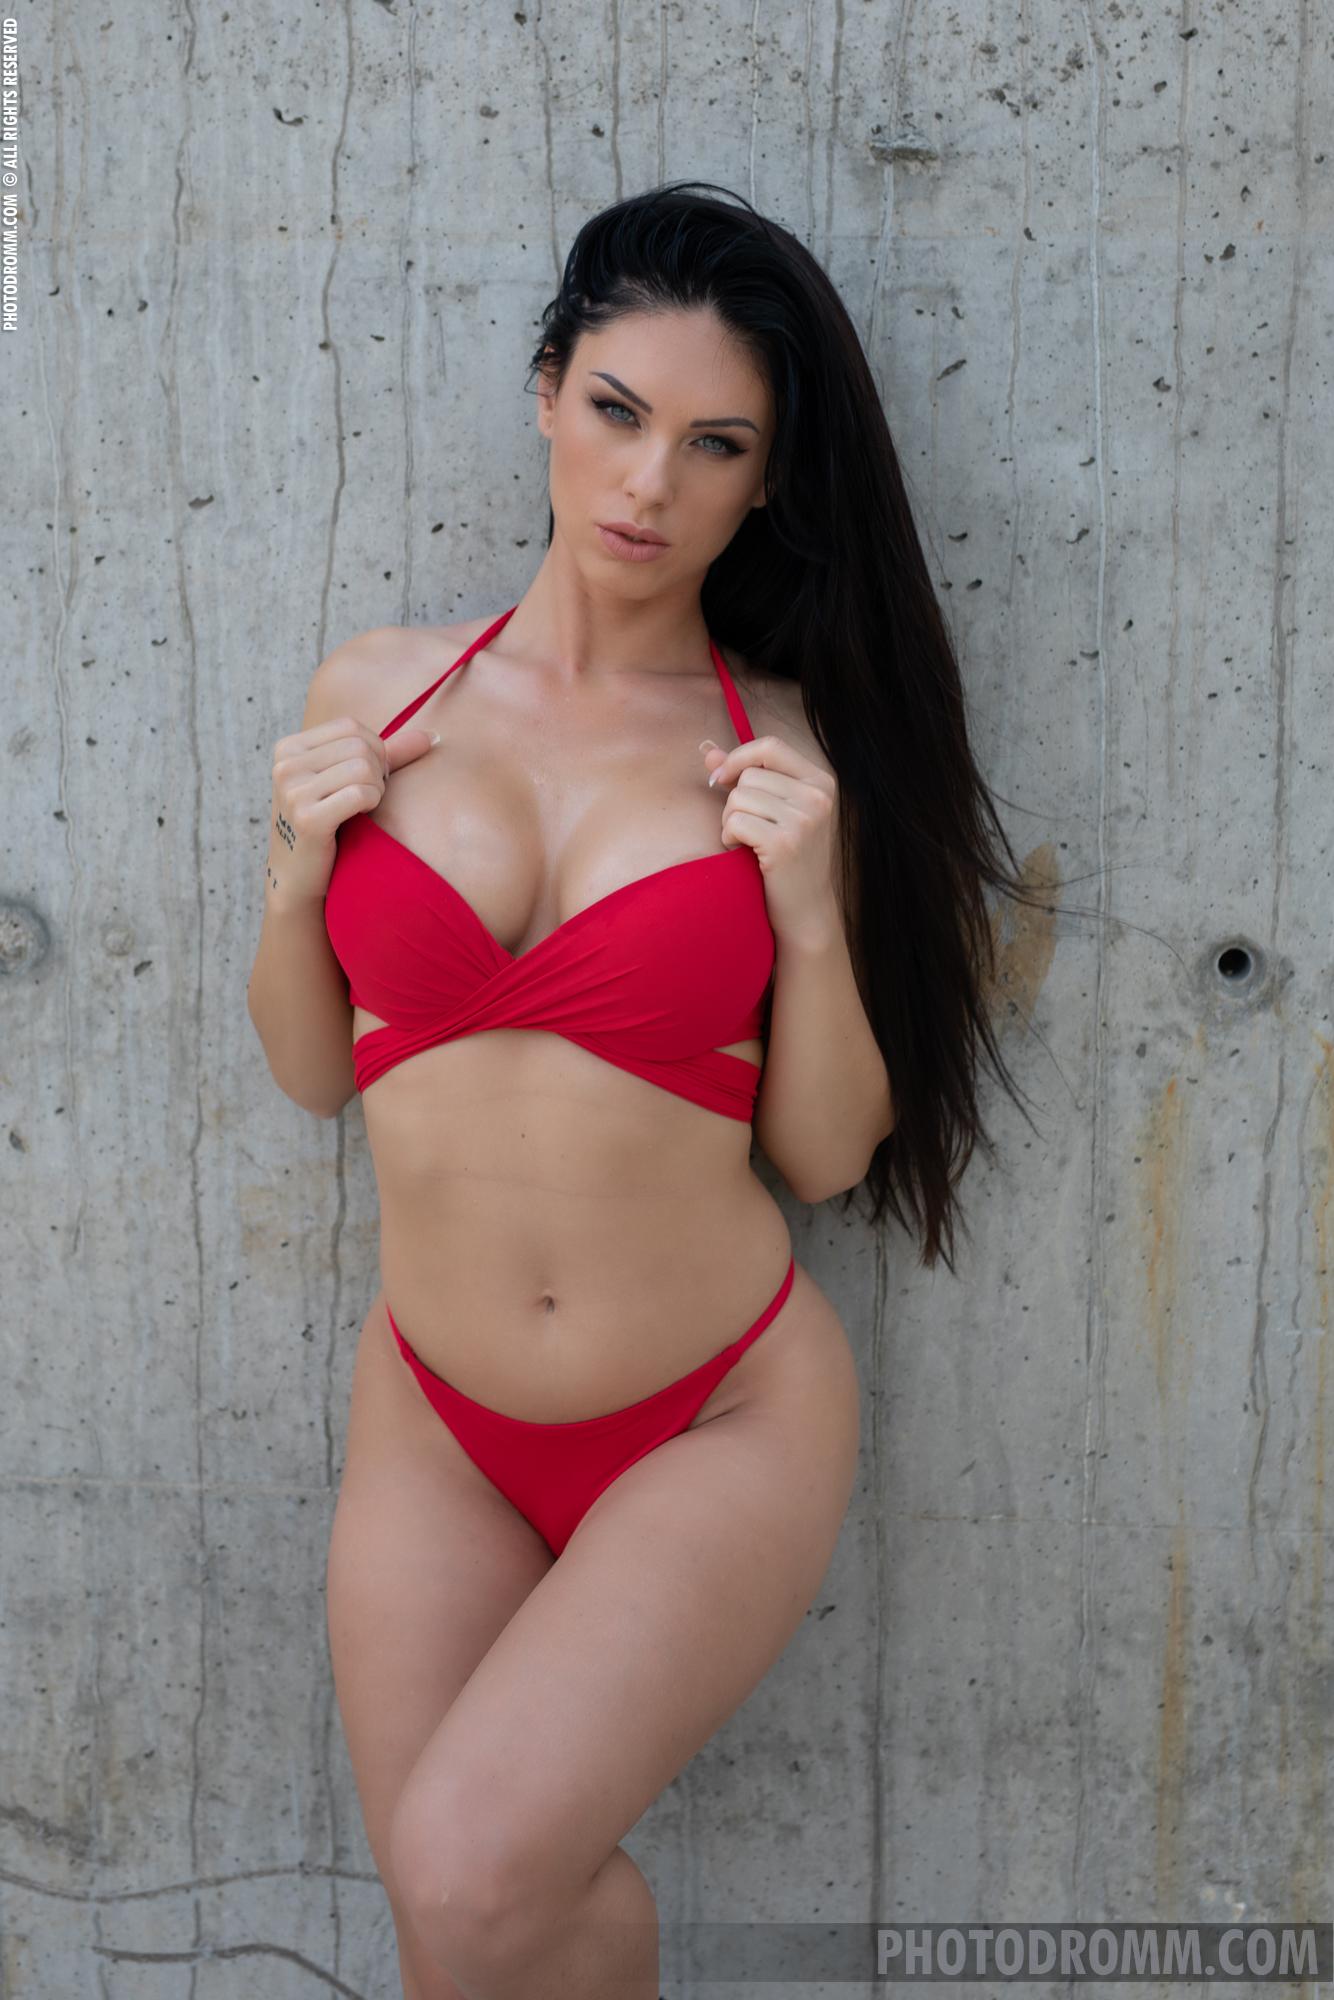 Megan Big Tits in Red bikini for Photodromm